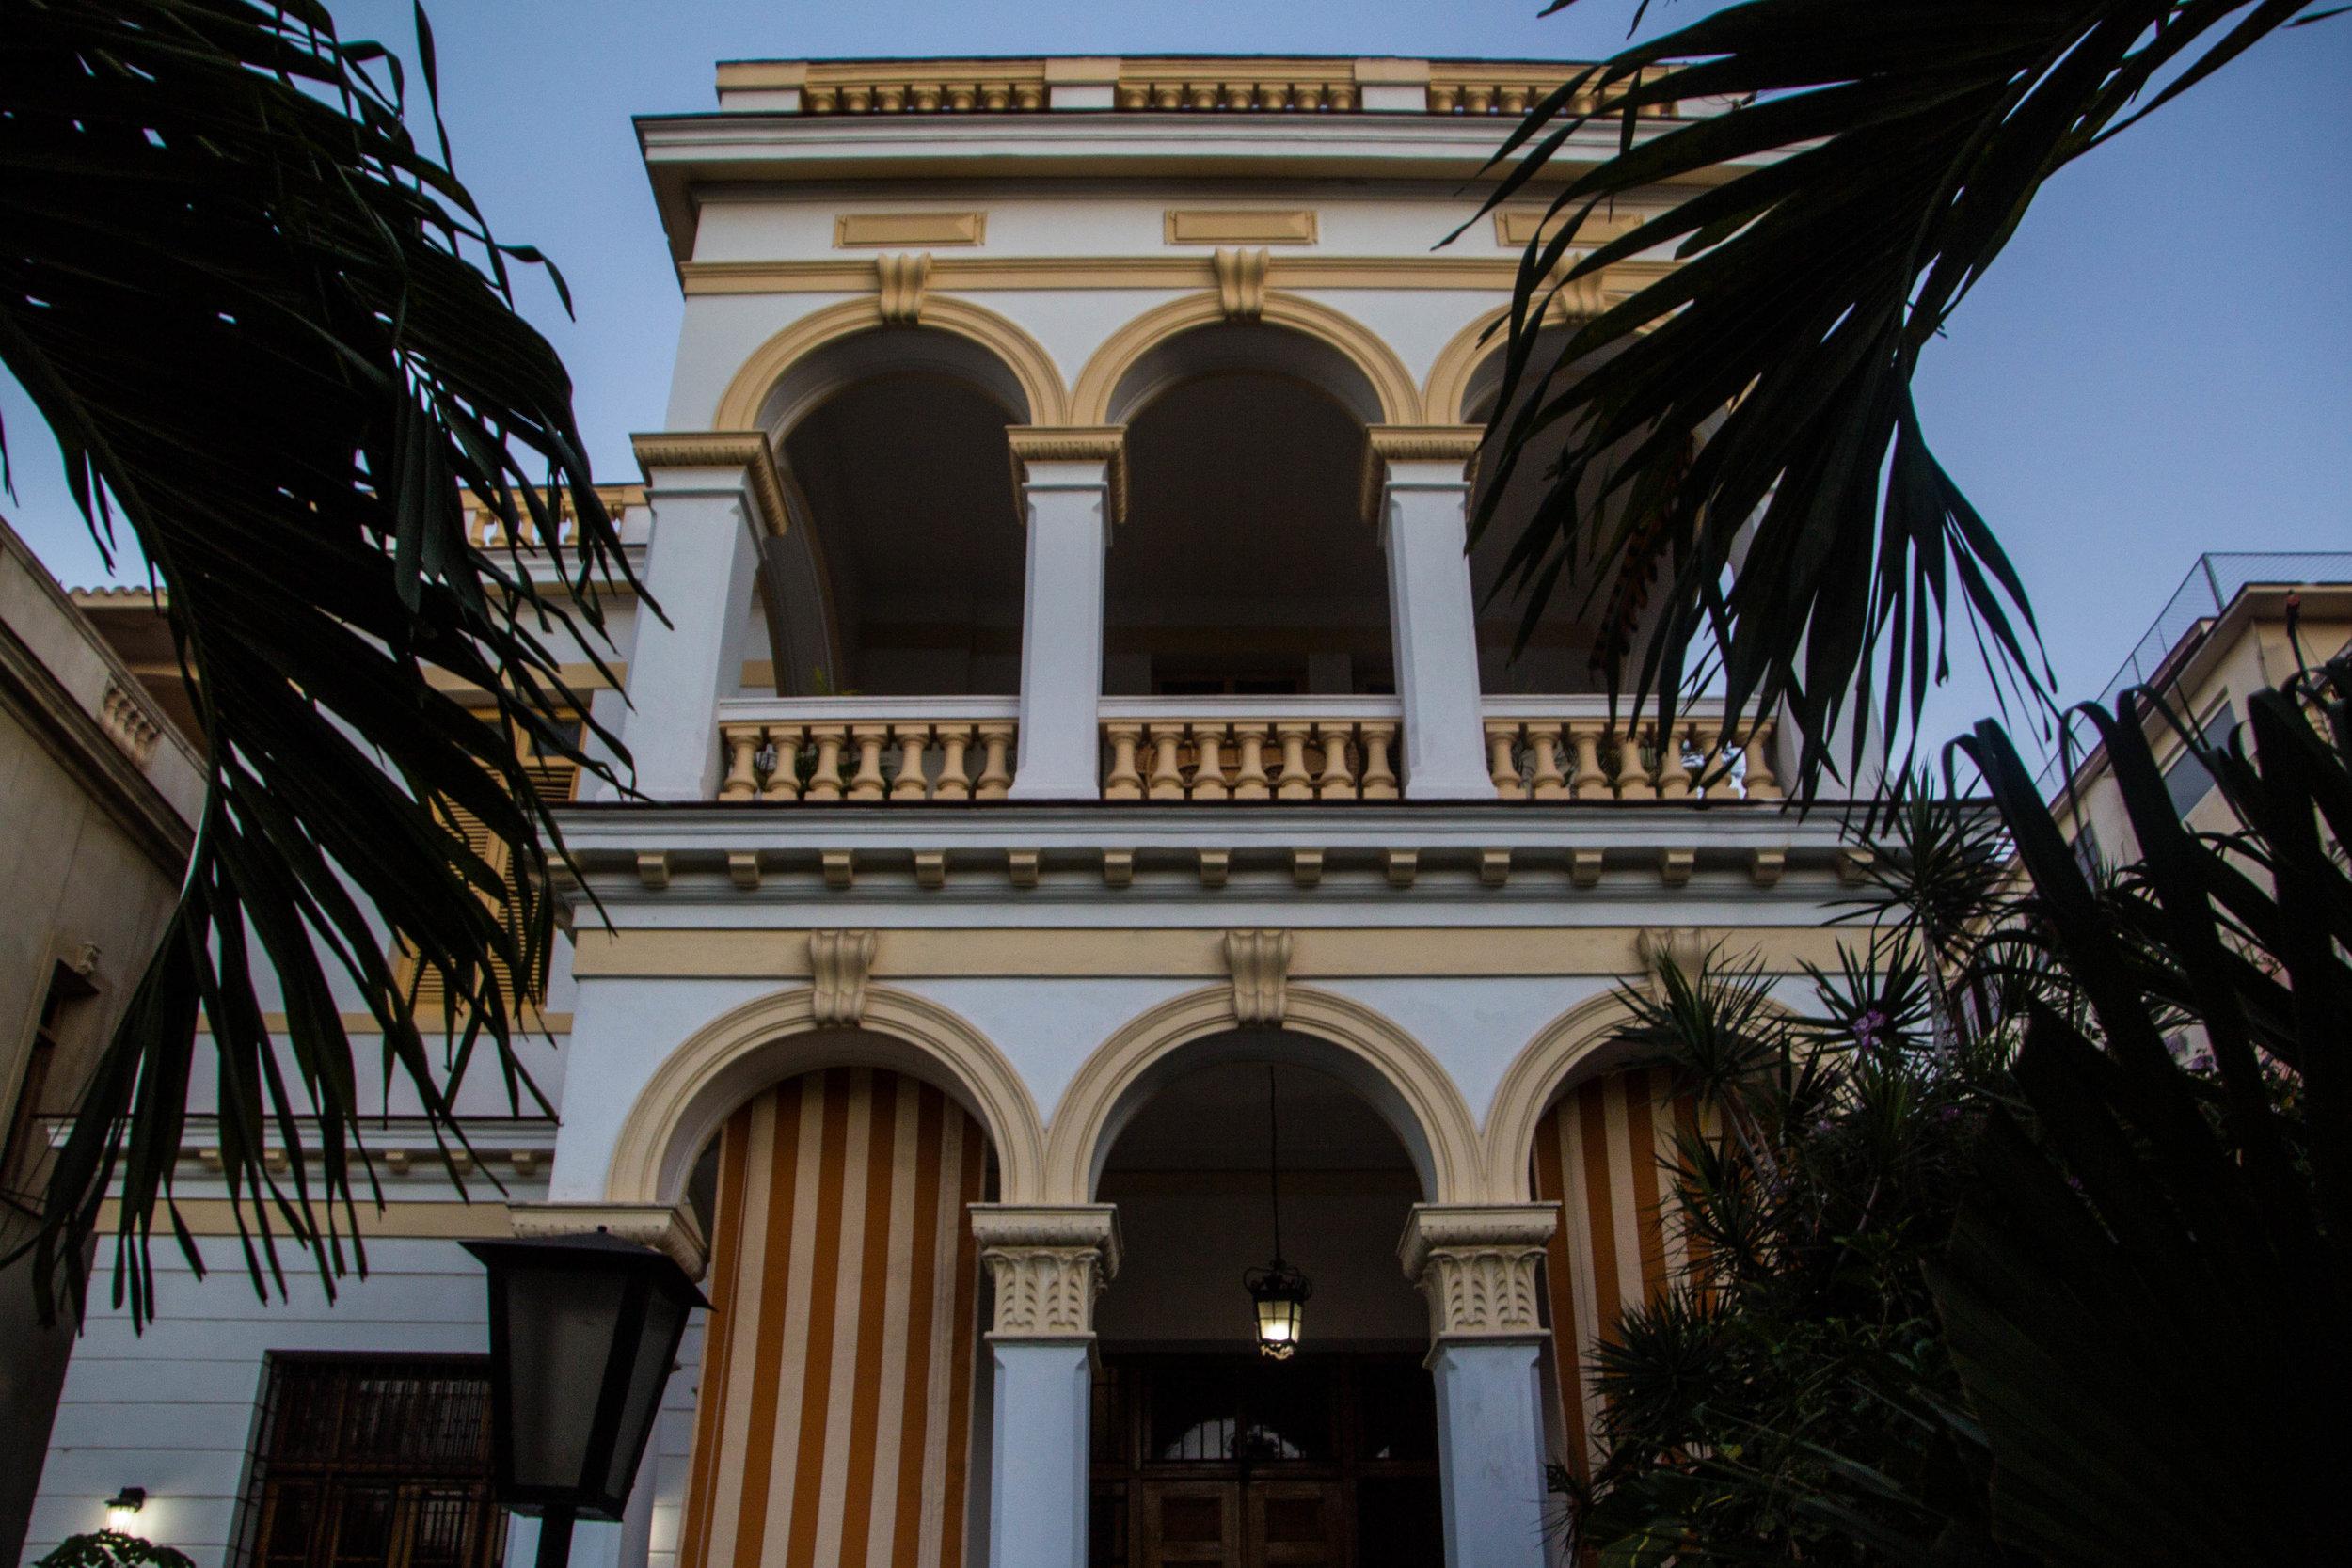 old houses vedado havana cuba-1-3-2.jpg